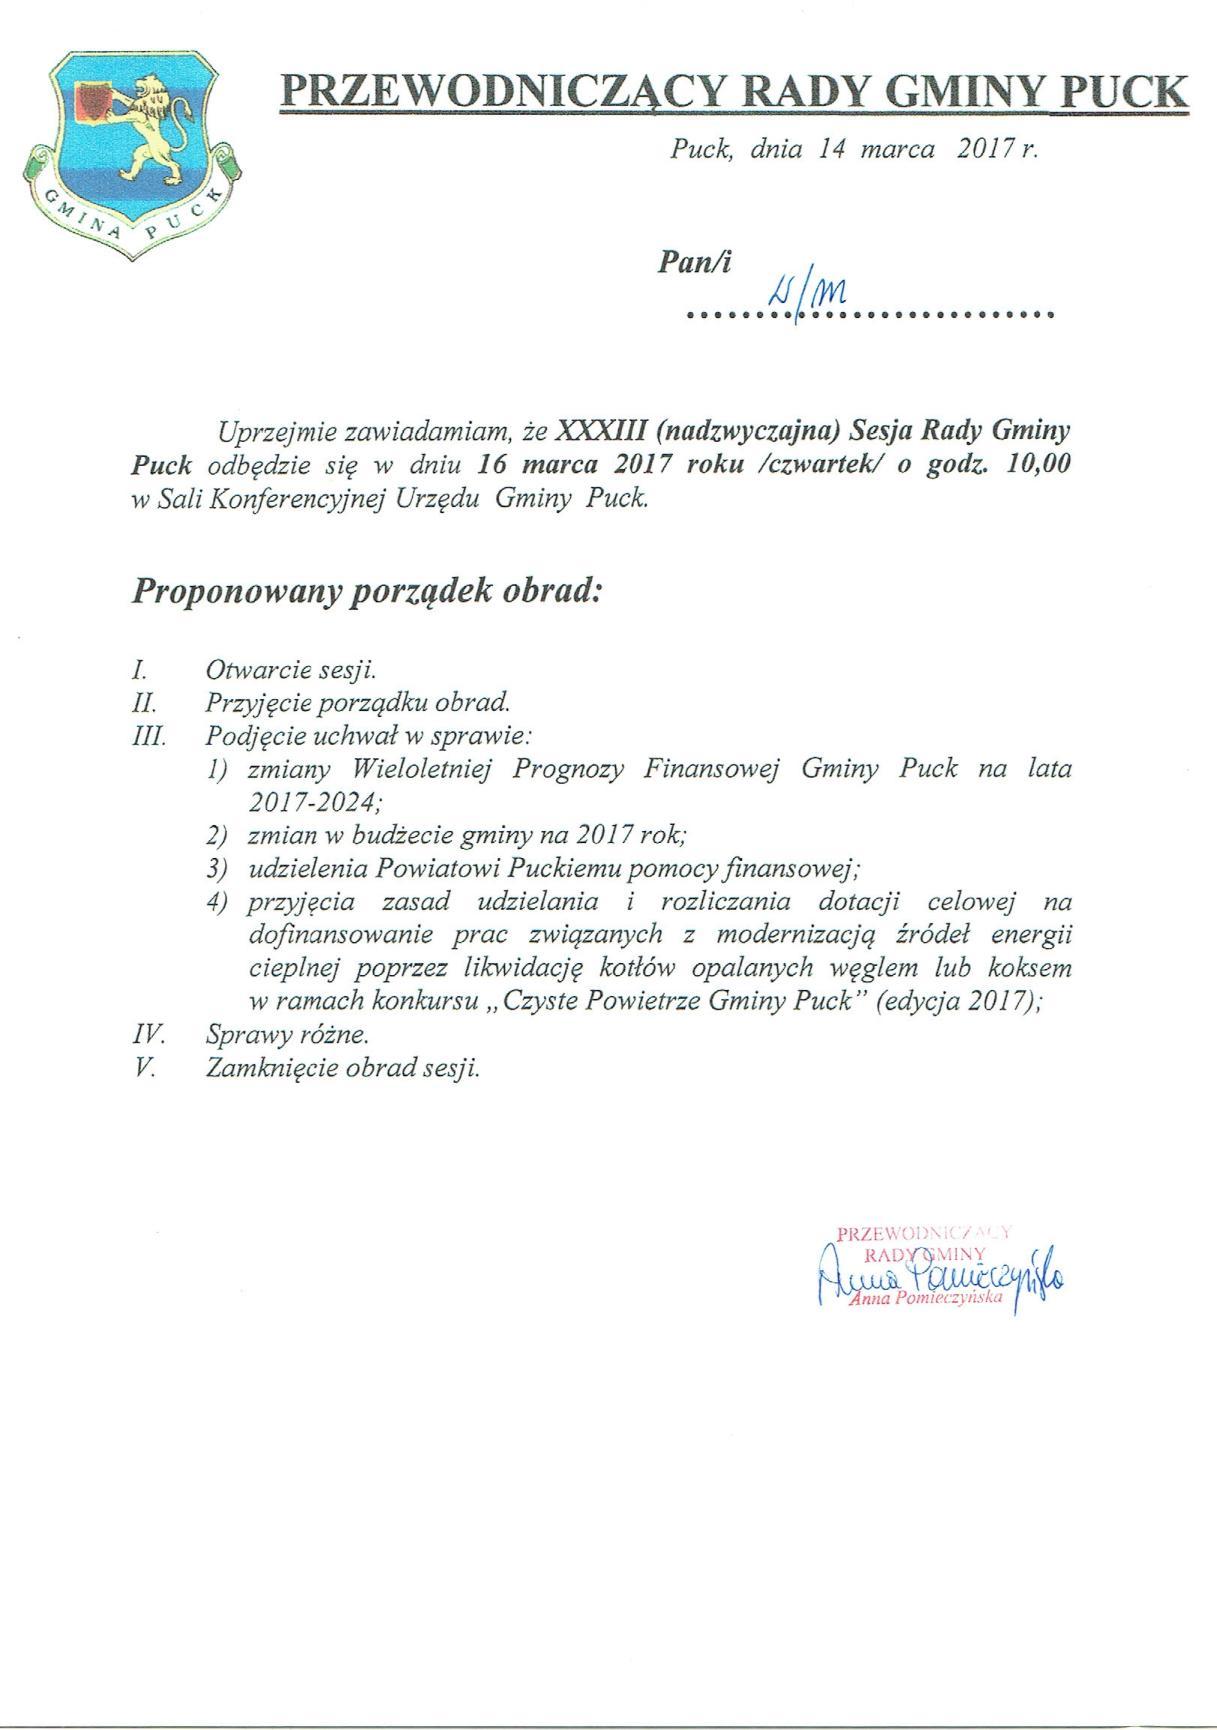 Proponowany porządek obrad XXXIII (nadzwyczajnej) sesji Rady Gminy Puck - dnia 16 marca 2017 roku_01